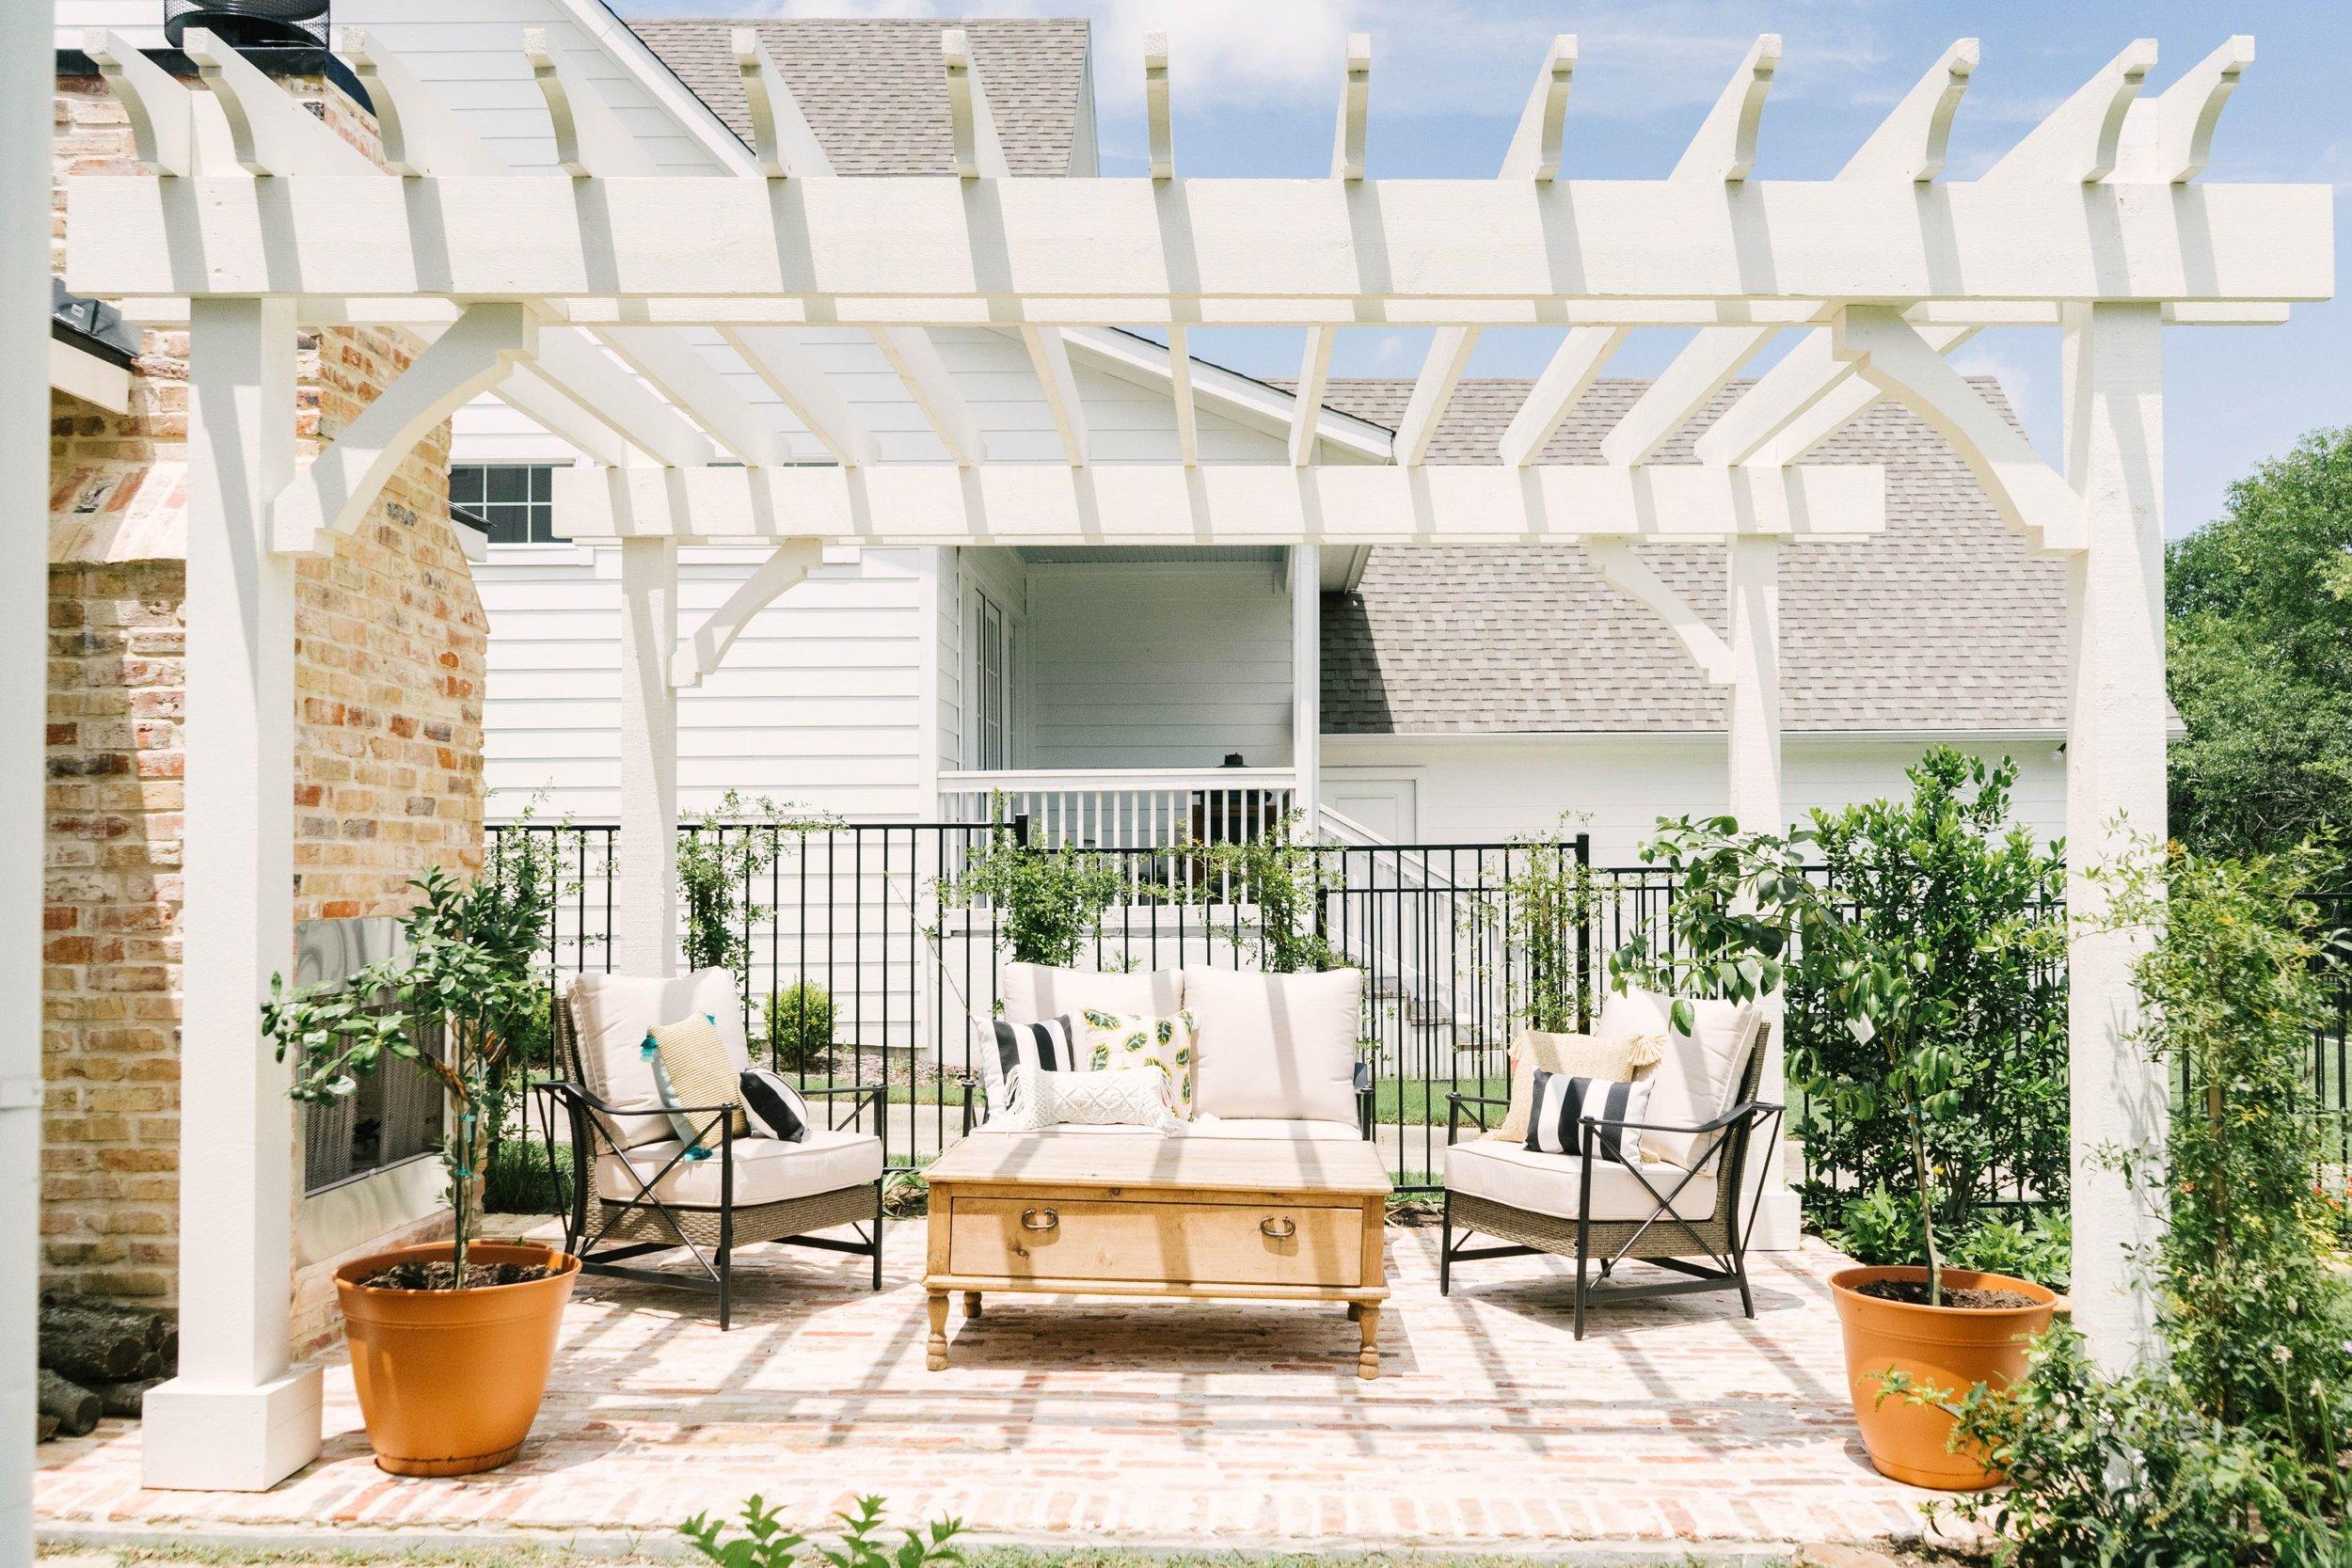 Classic Farmhouse Home Tour - White Pergola - Outdoor Fireplace